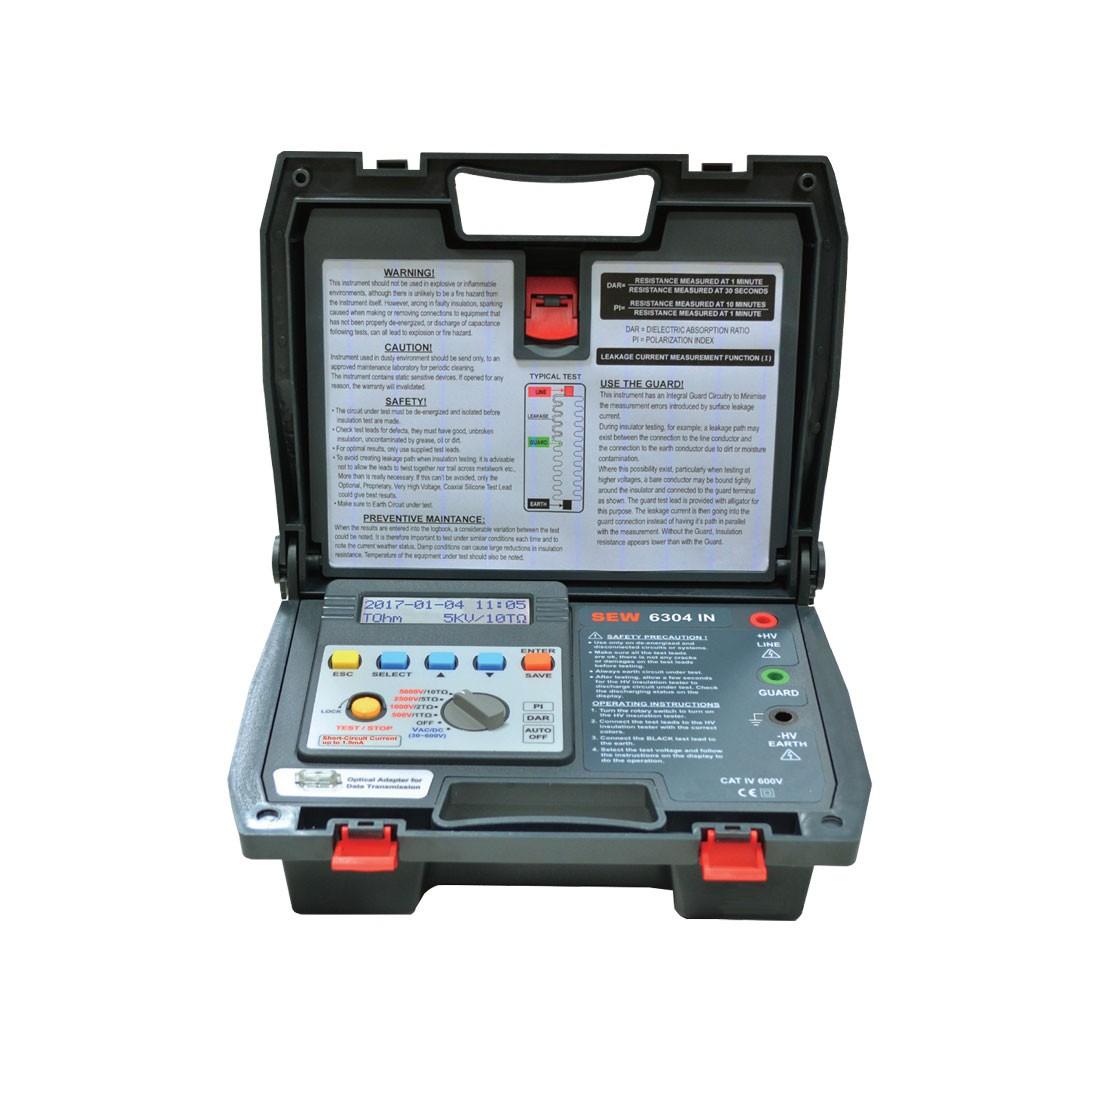 6304IN Digital (1kV up) High Voltage Insulation Tester